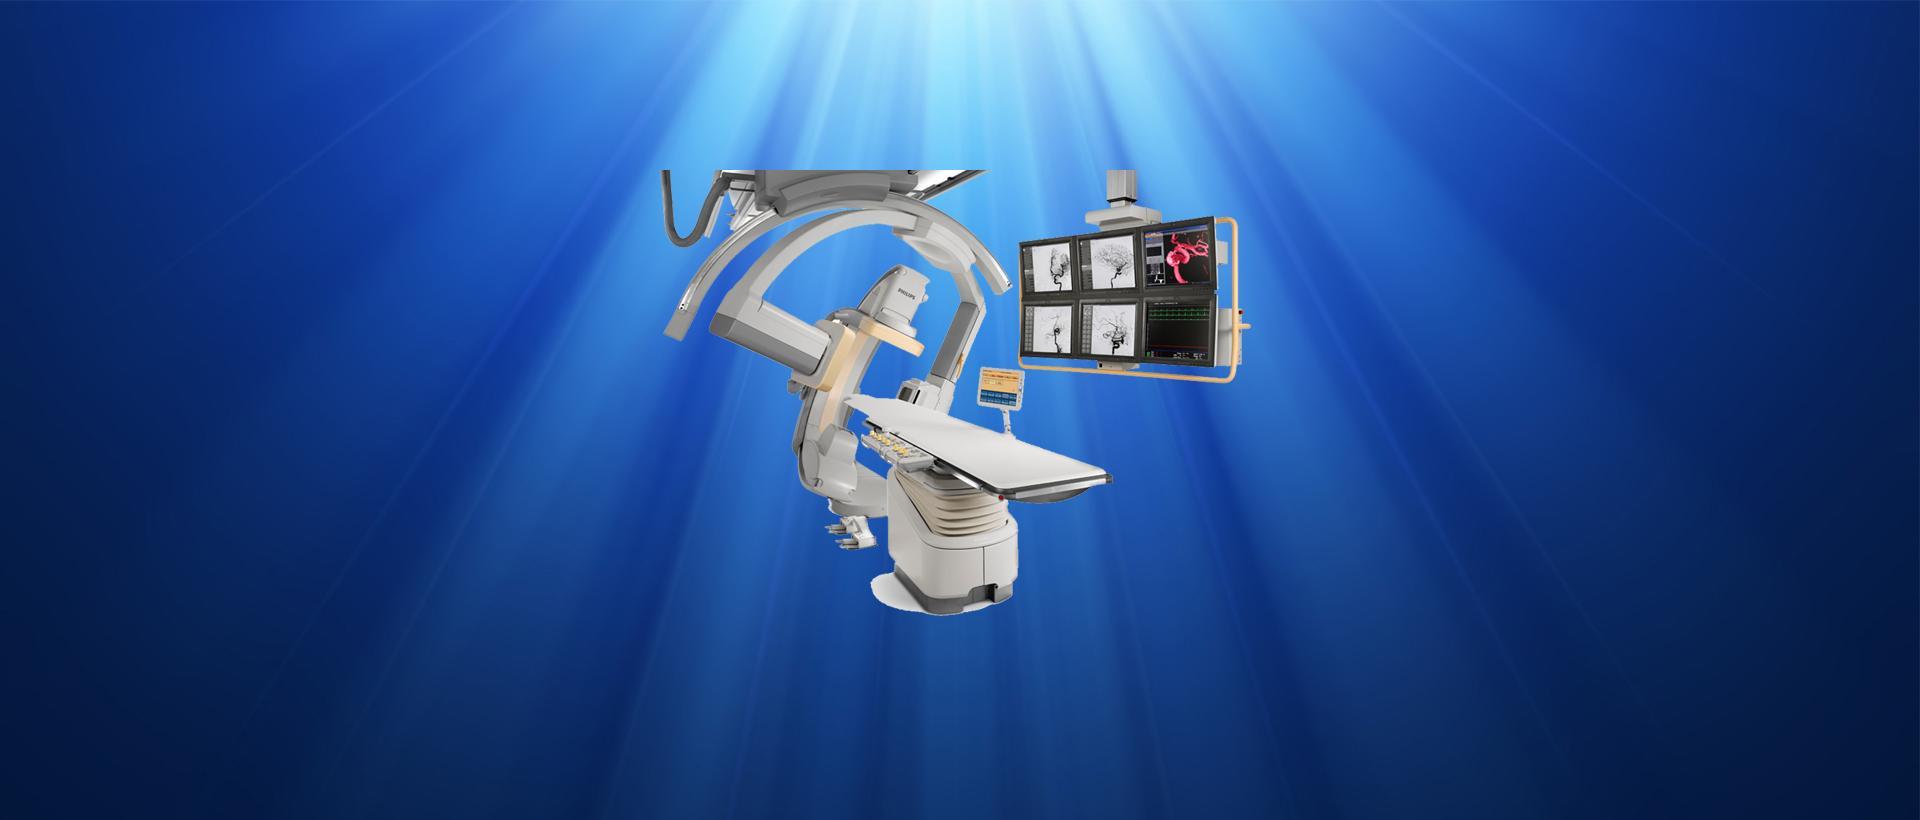 Cardiovascular X-ray Systems